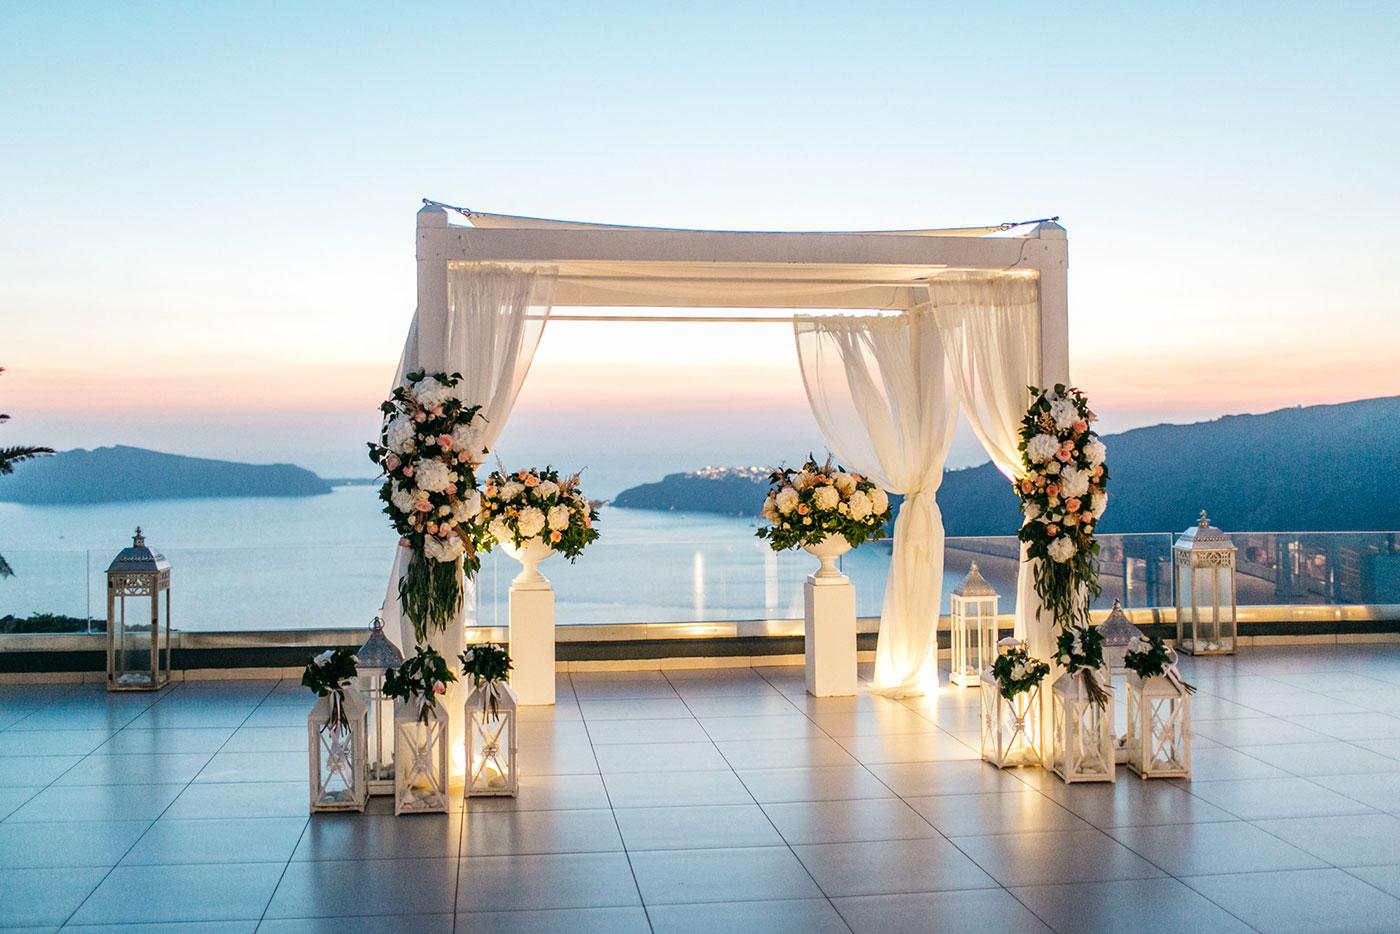 Le Ciel Wedding Venue